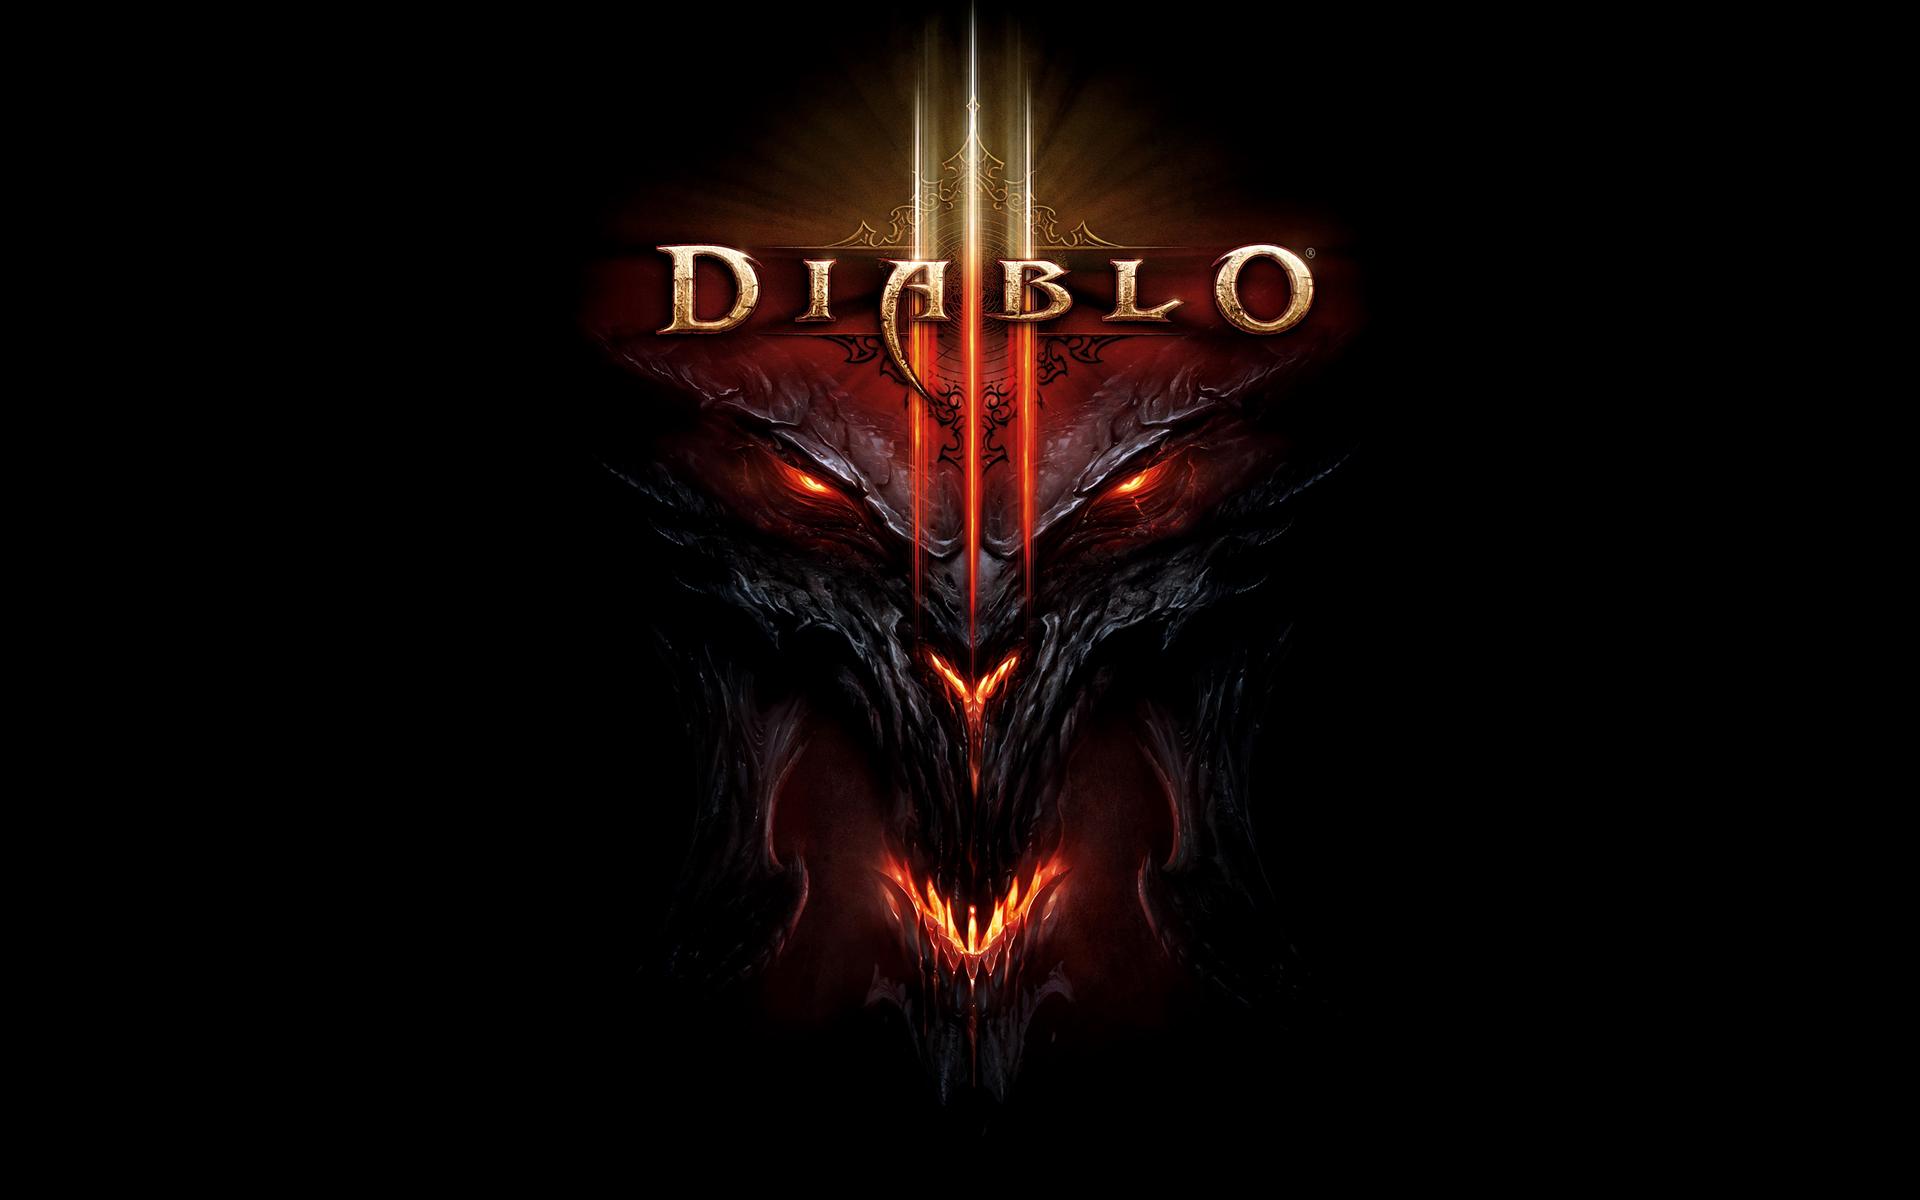 Diablo 3 Wallpaper 1080p - WallpaperSafari